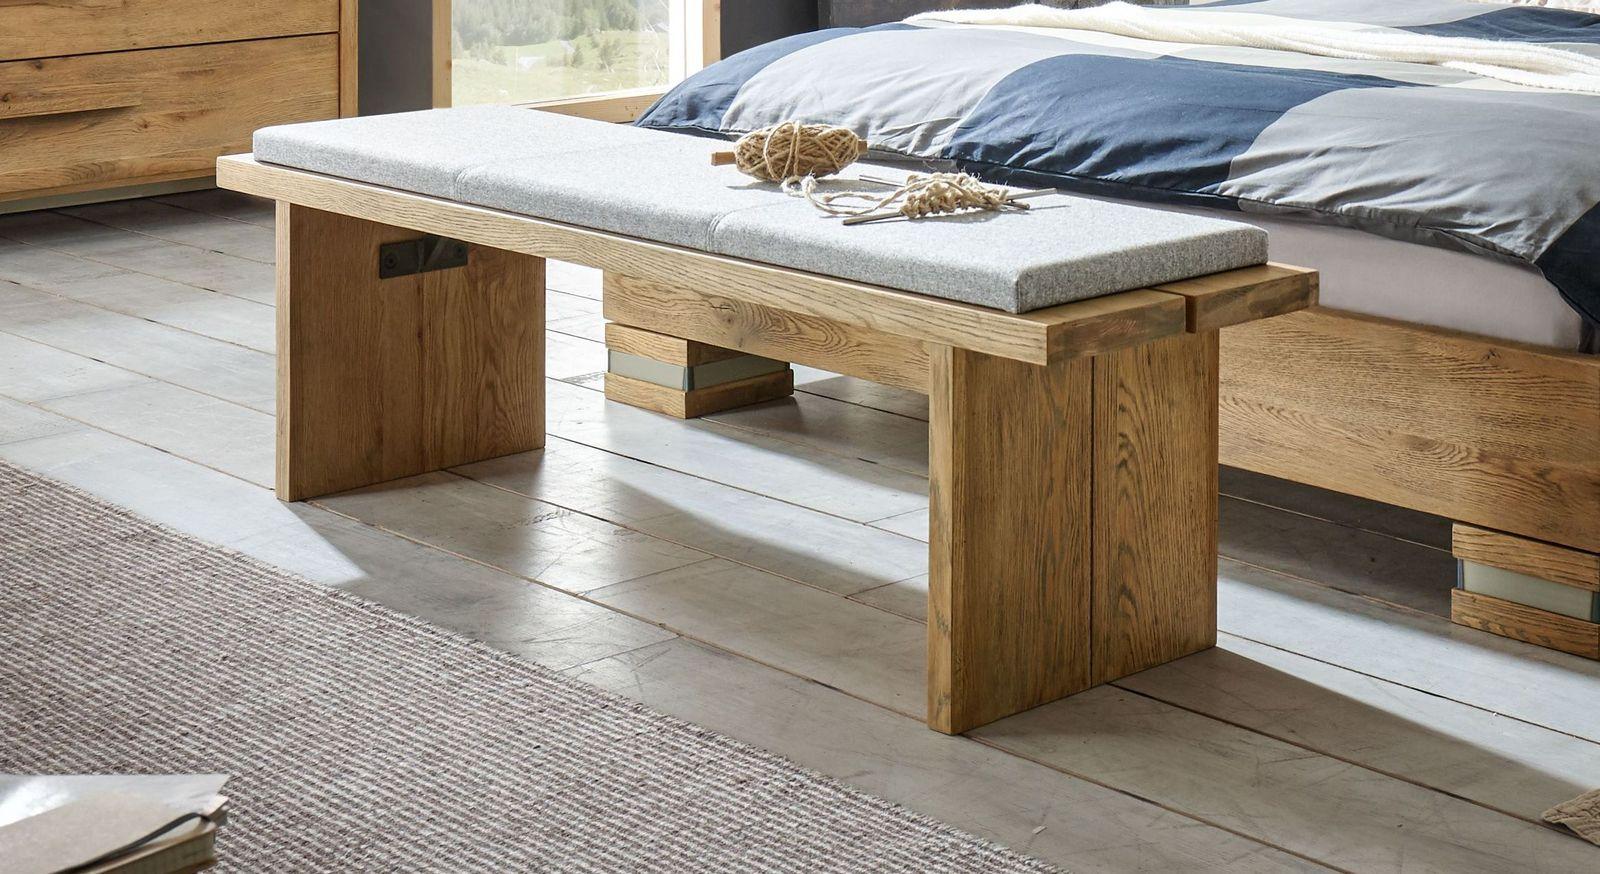 Bettbank Valdivia als optimale Sitzgelegenheit im Schlafzimmer